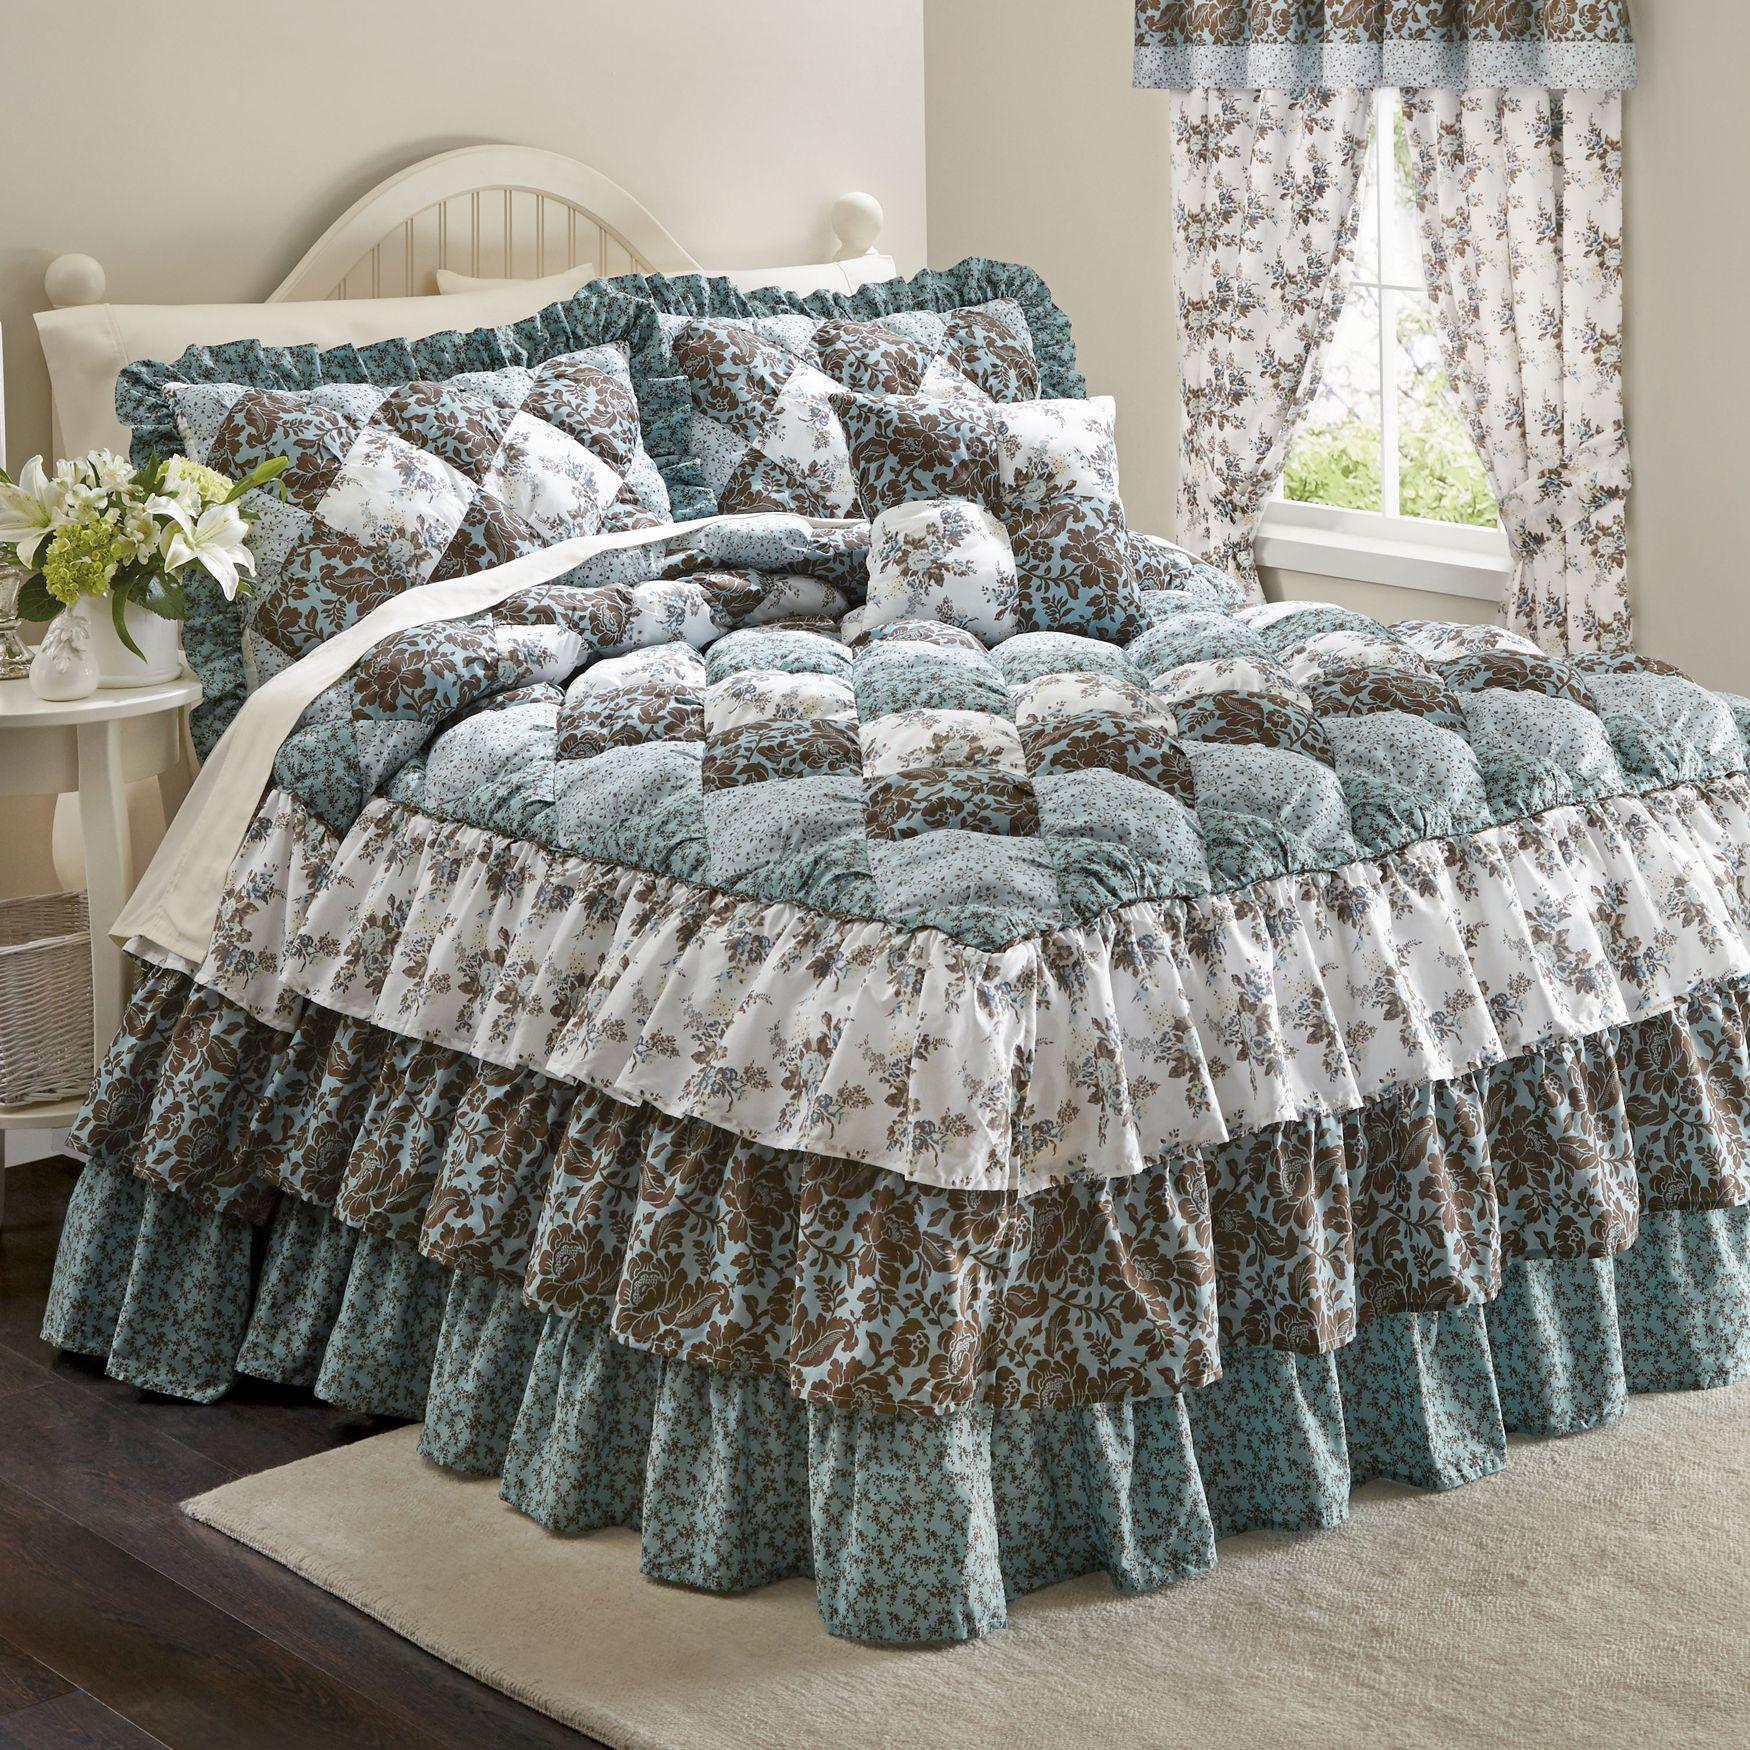 Alexis Puff Top Printed Bedspread More Decoracao De Casa